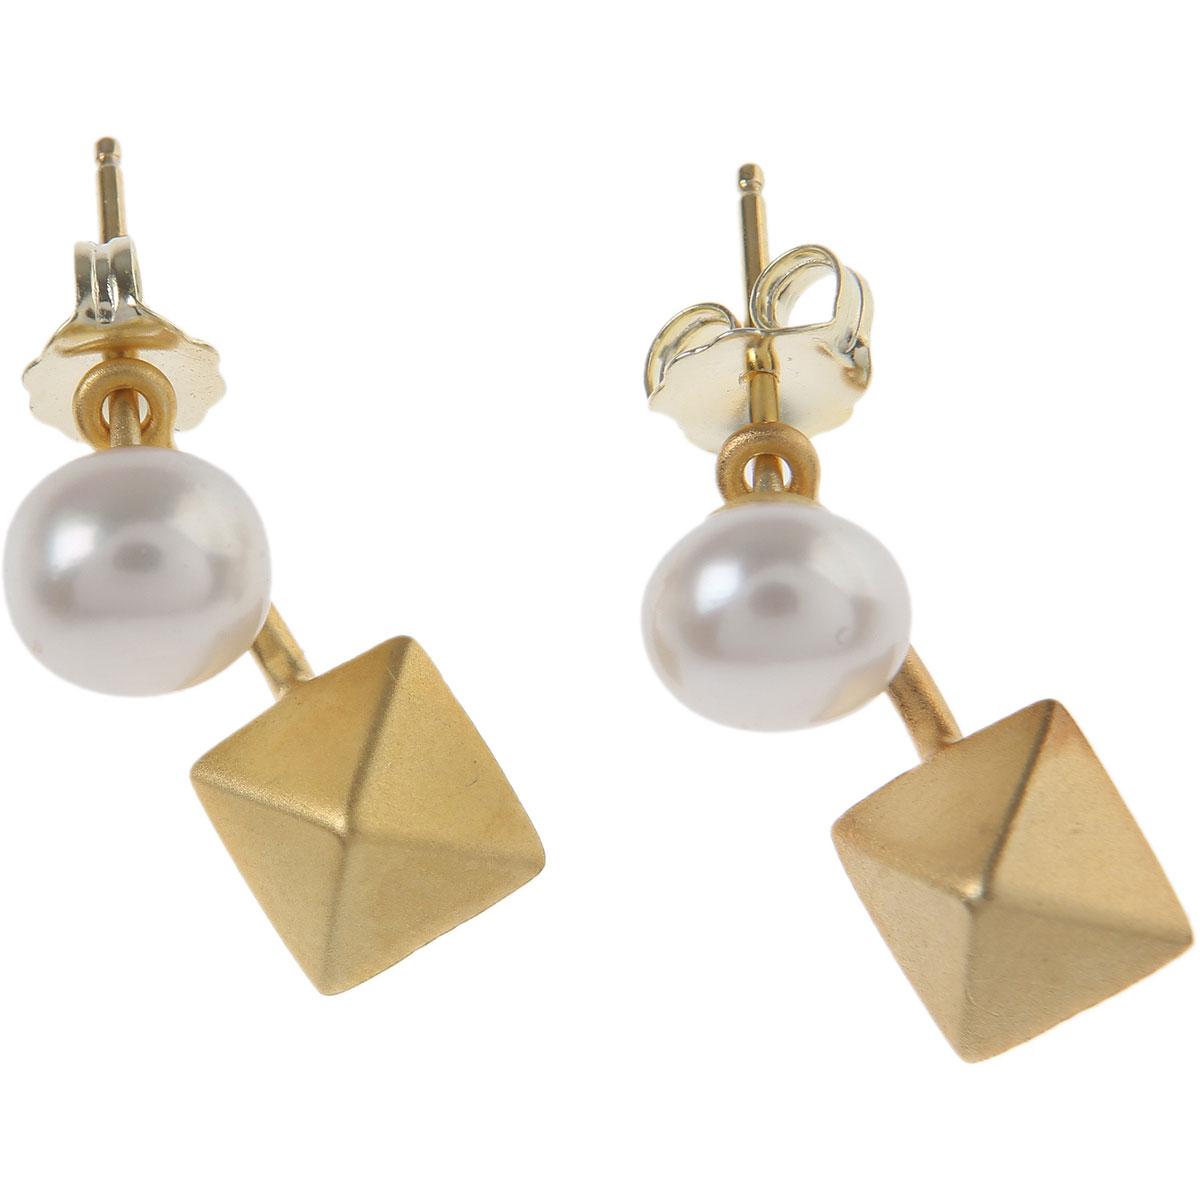 Francesca Angelone Earrings for Women On Sale, Gold, Silver 925, 2019